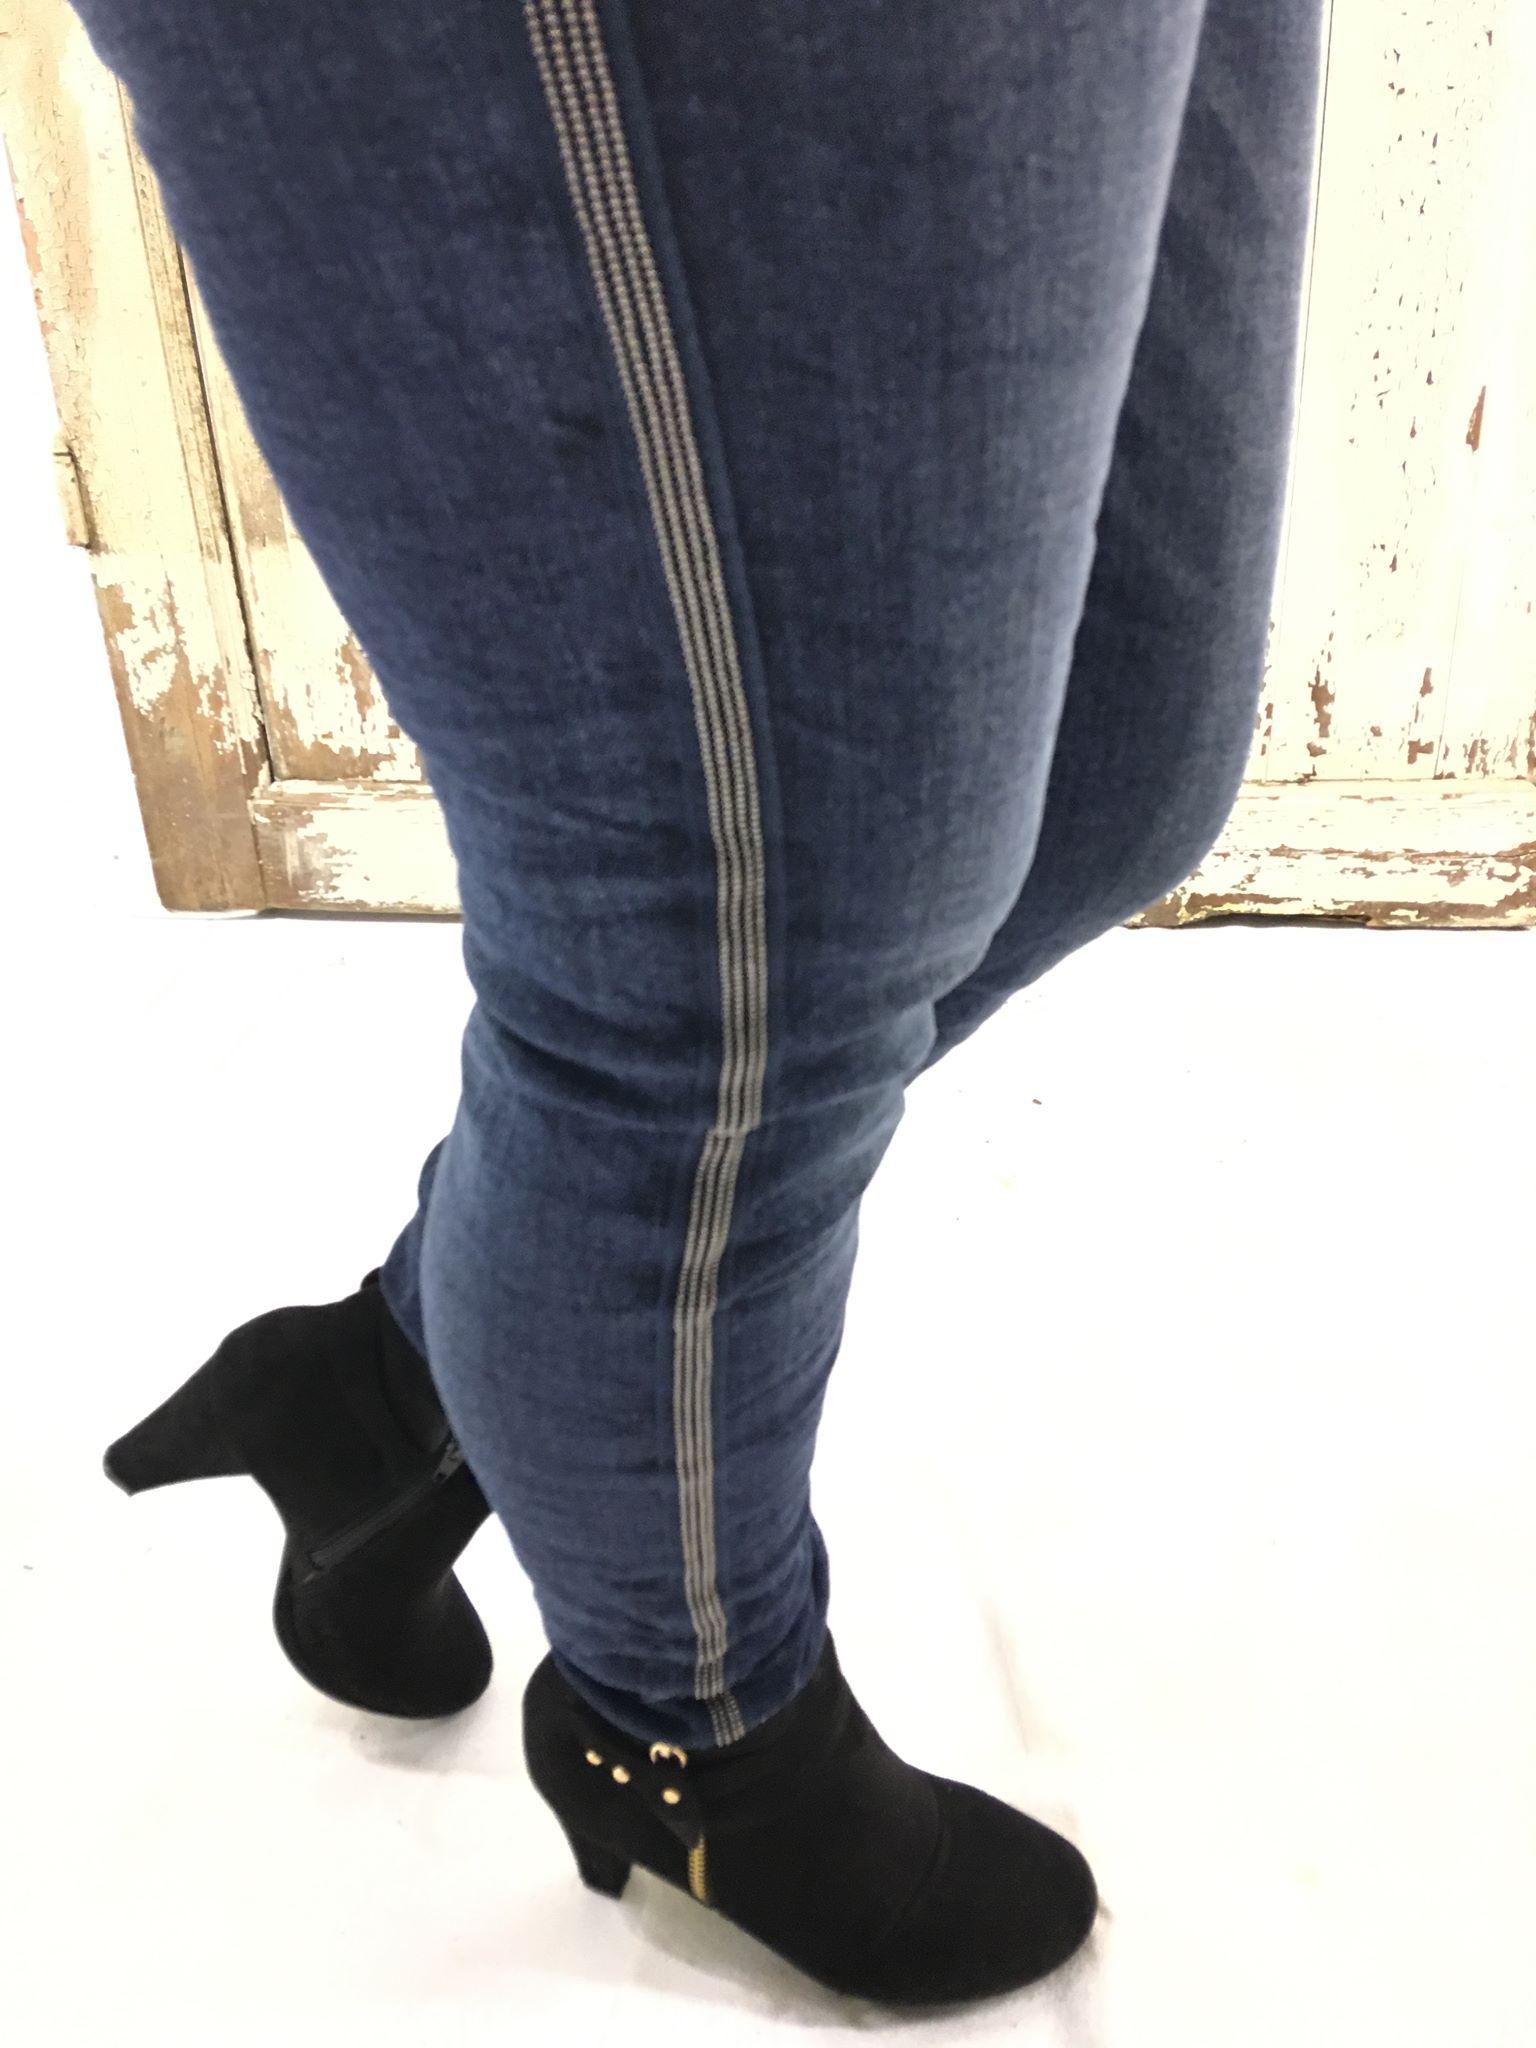 d16c3ac2 Piro jeans med sølvstripe i sidene. Piro nettbutikk med gratis frakt